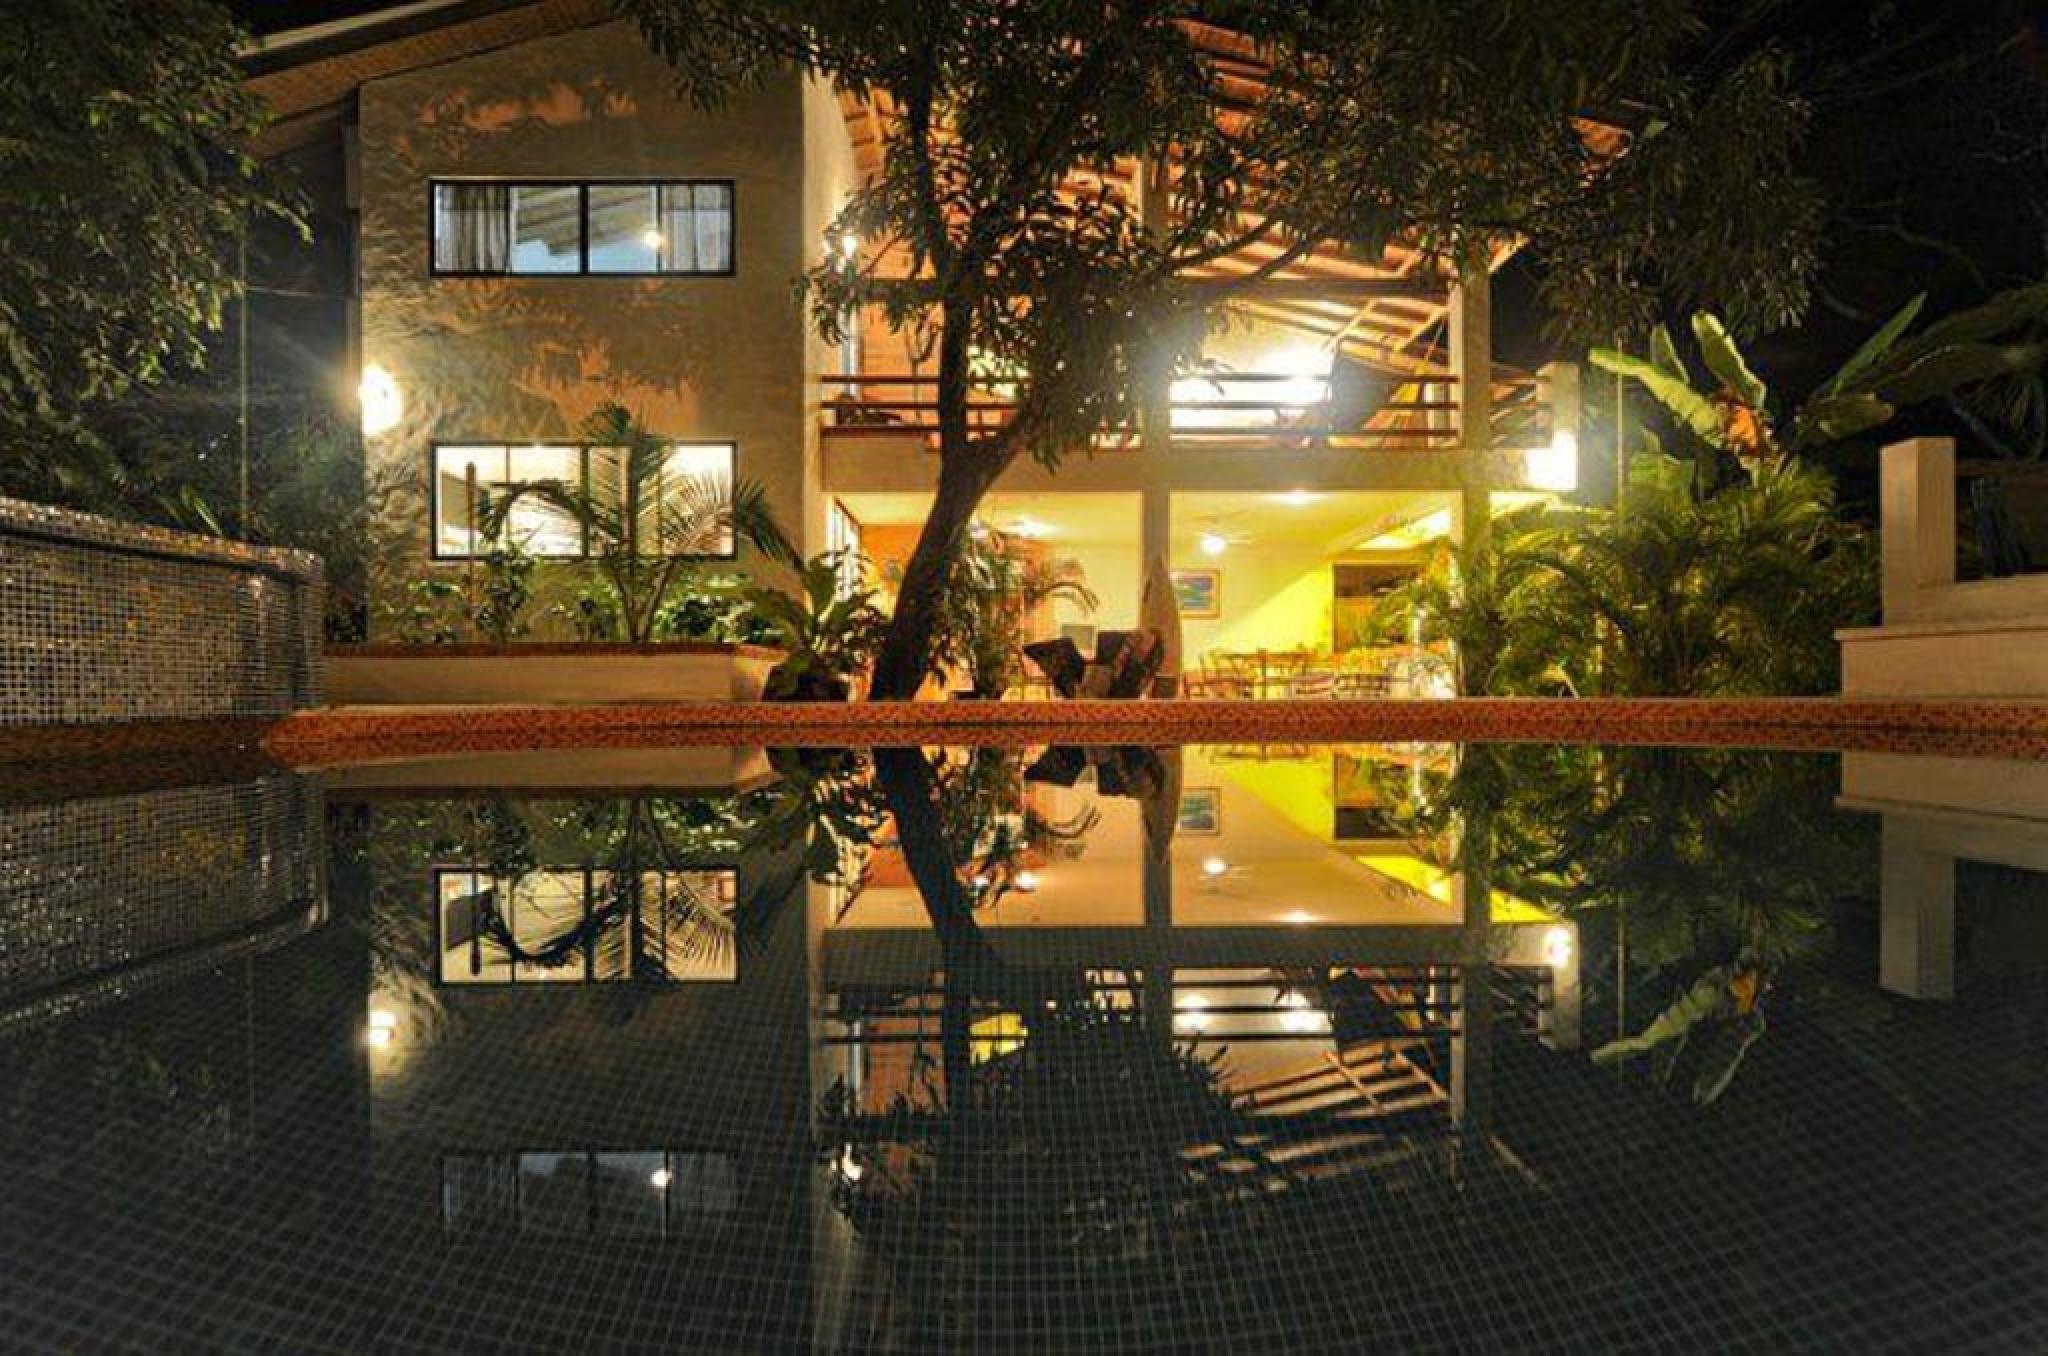 Atrapasuenos Lodge